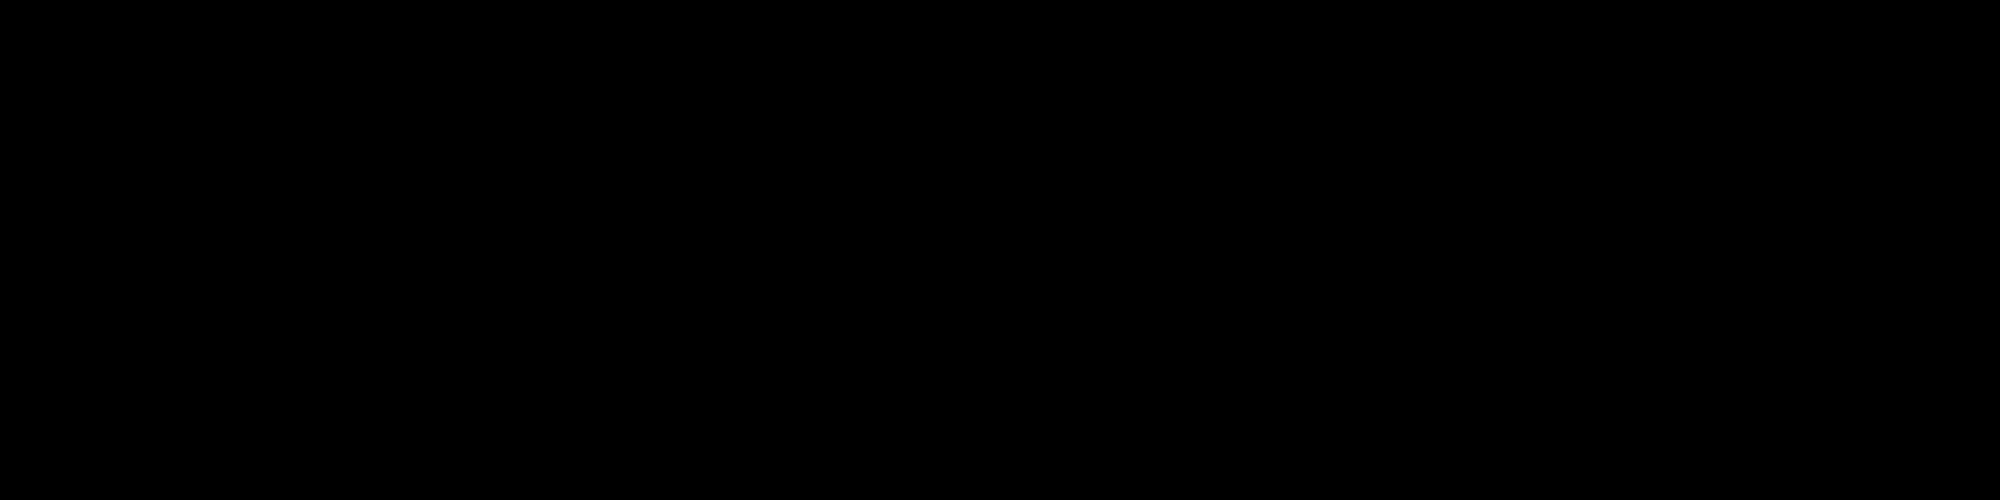 Tekcee